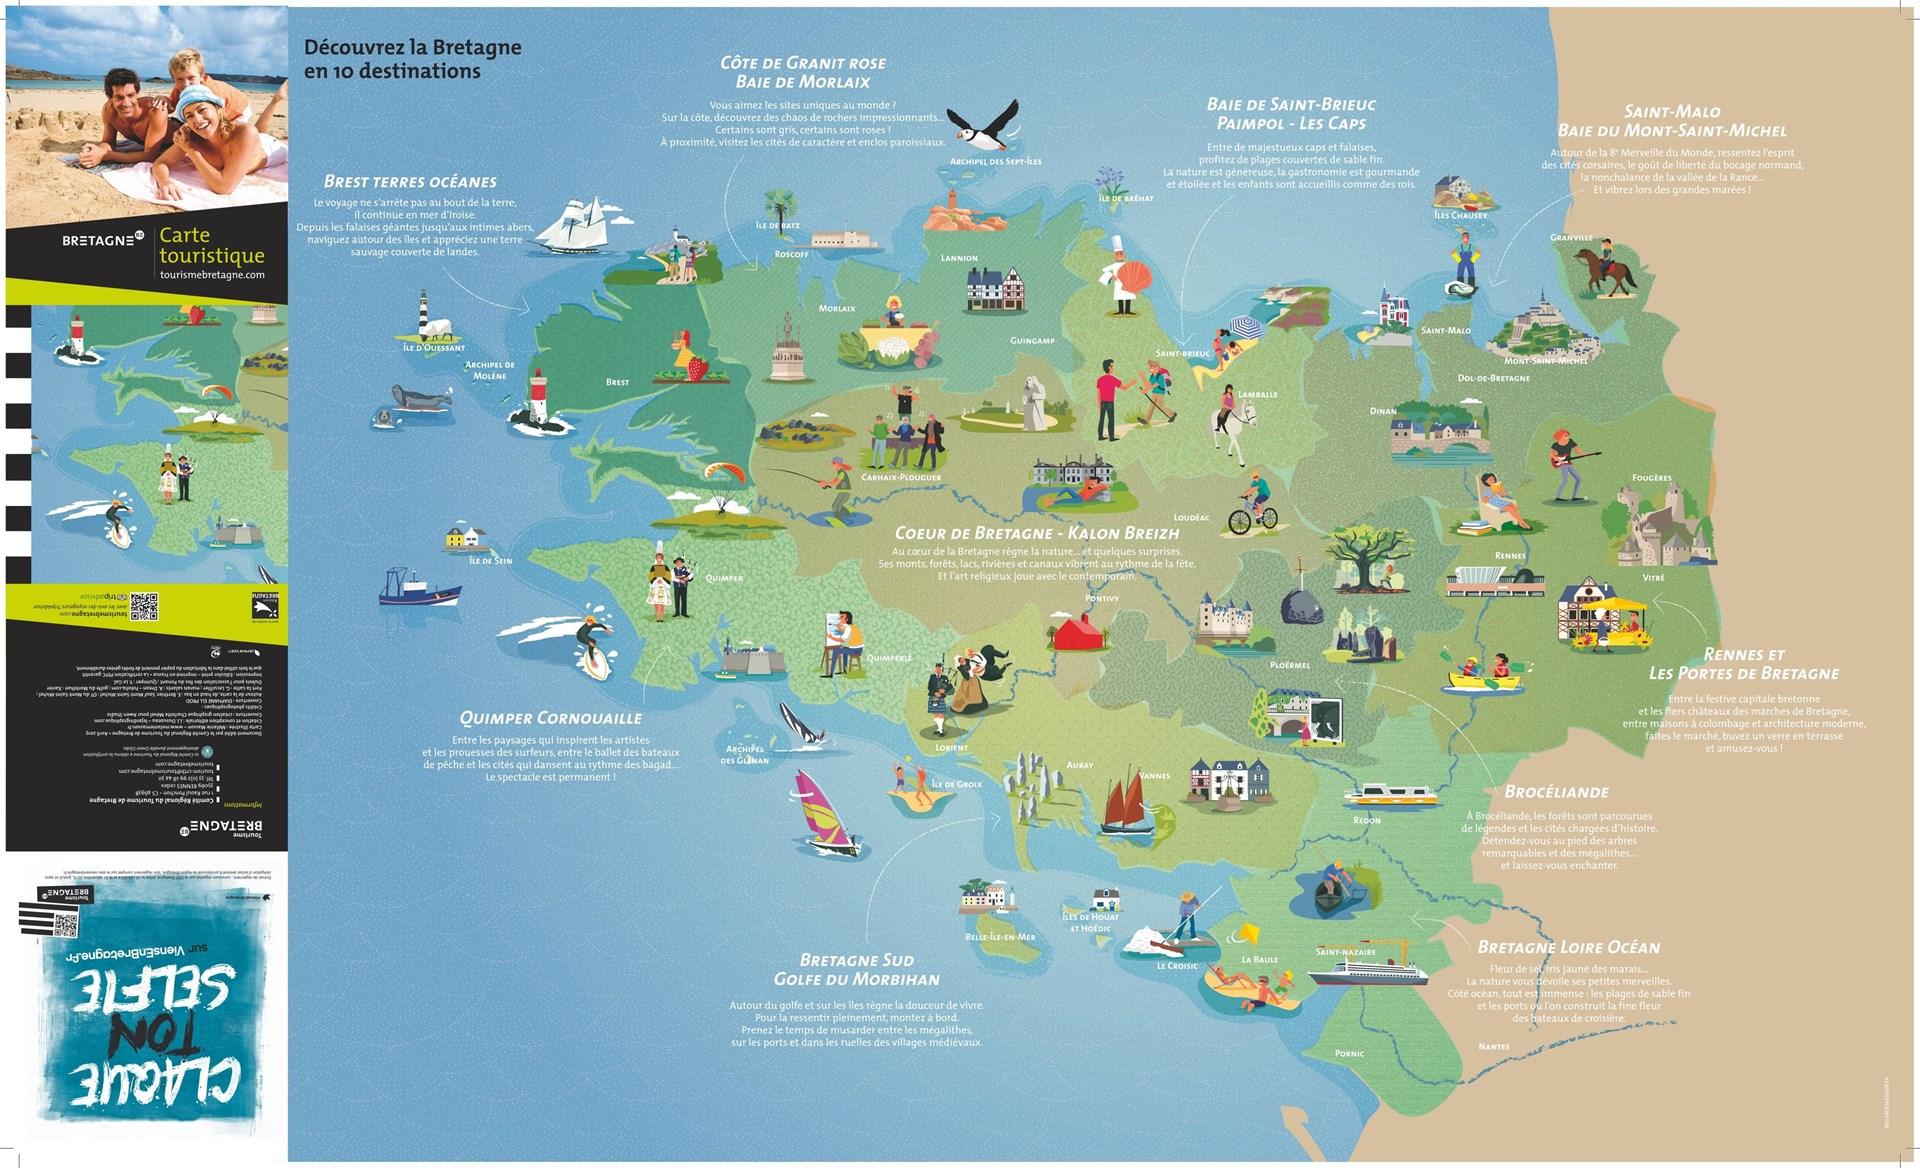 Saint malo carte touristique voyages cartes for Carte touristique